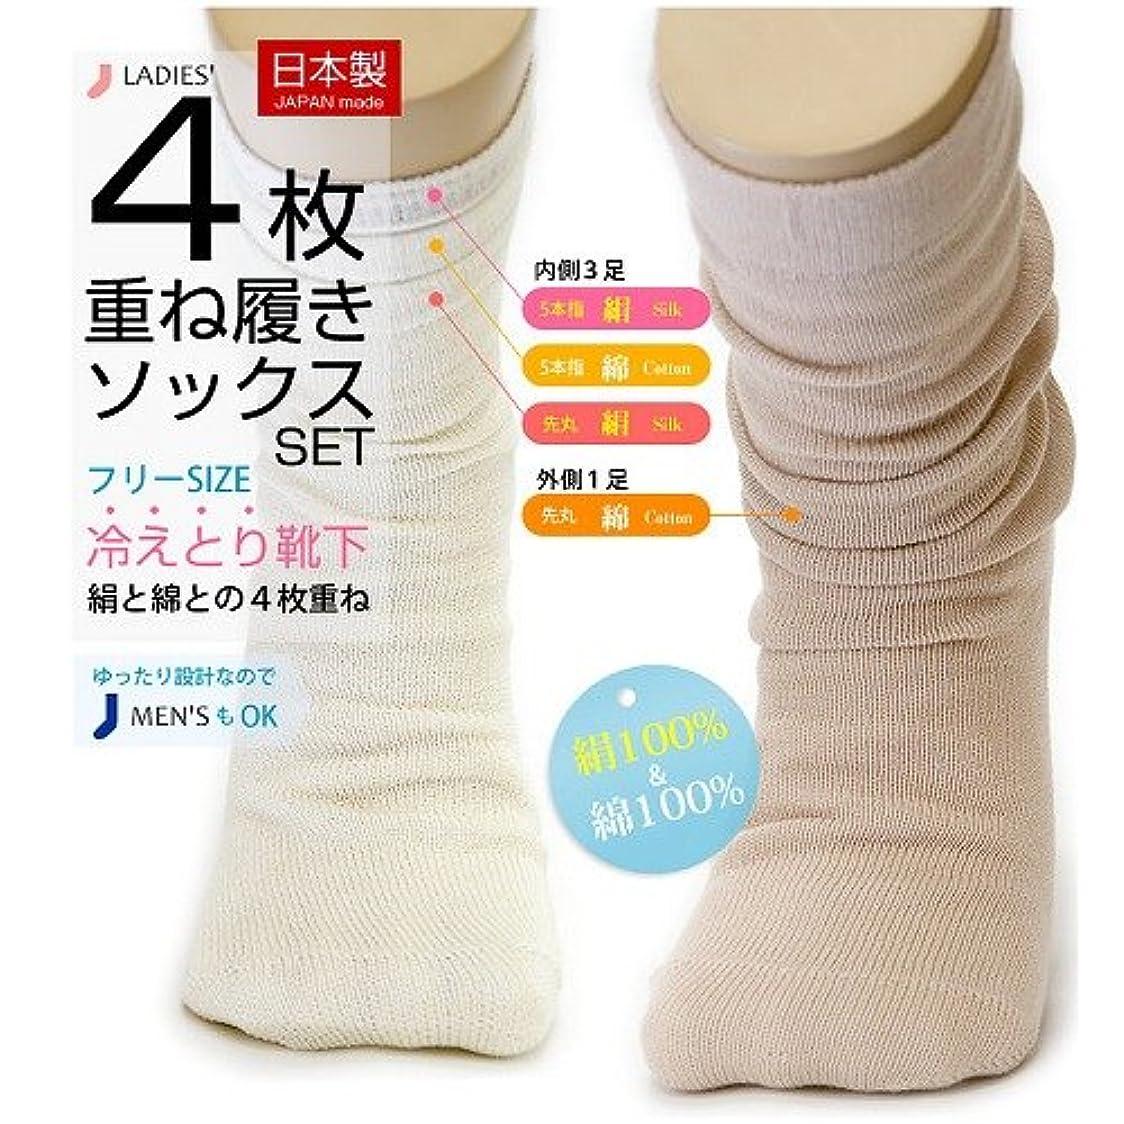 剪断パーフェルビッド新着冷え取り靴下 綿100%とシルク100% 最高級の日本製 4枚重ねばきセット(外側ライトグレー)